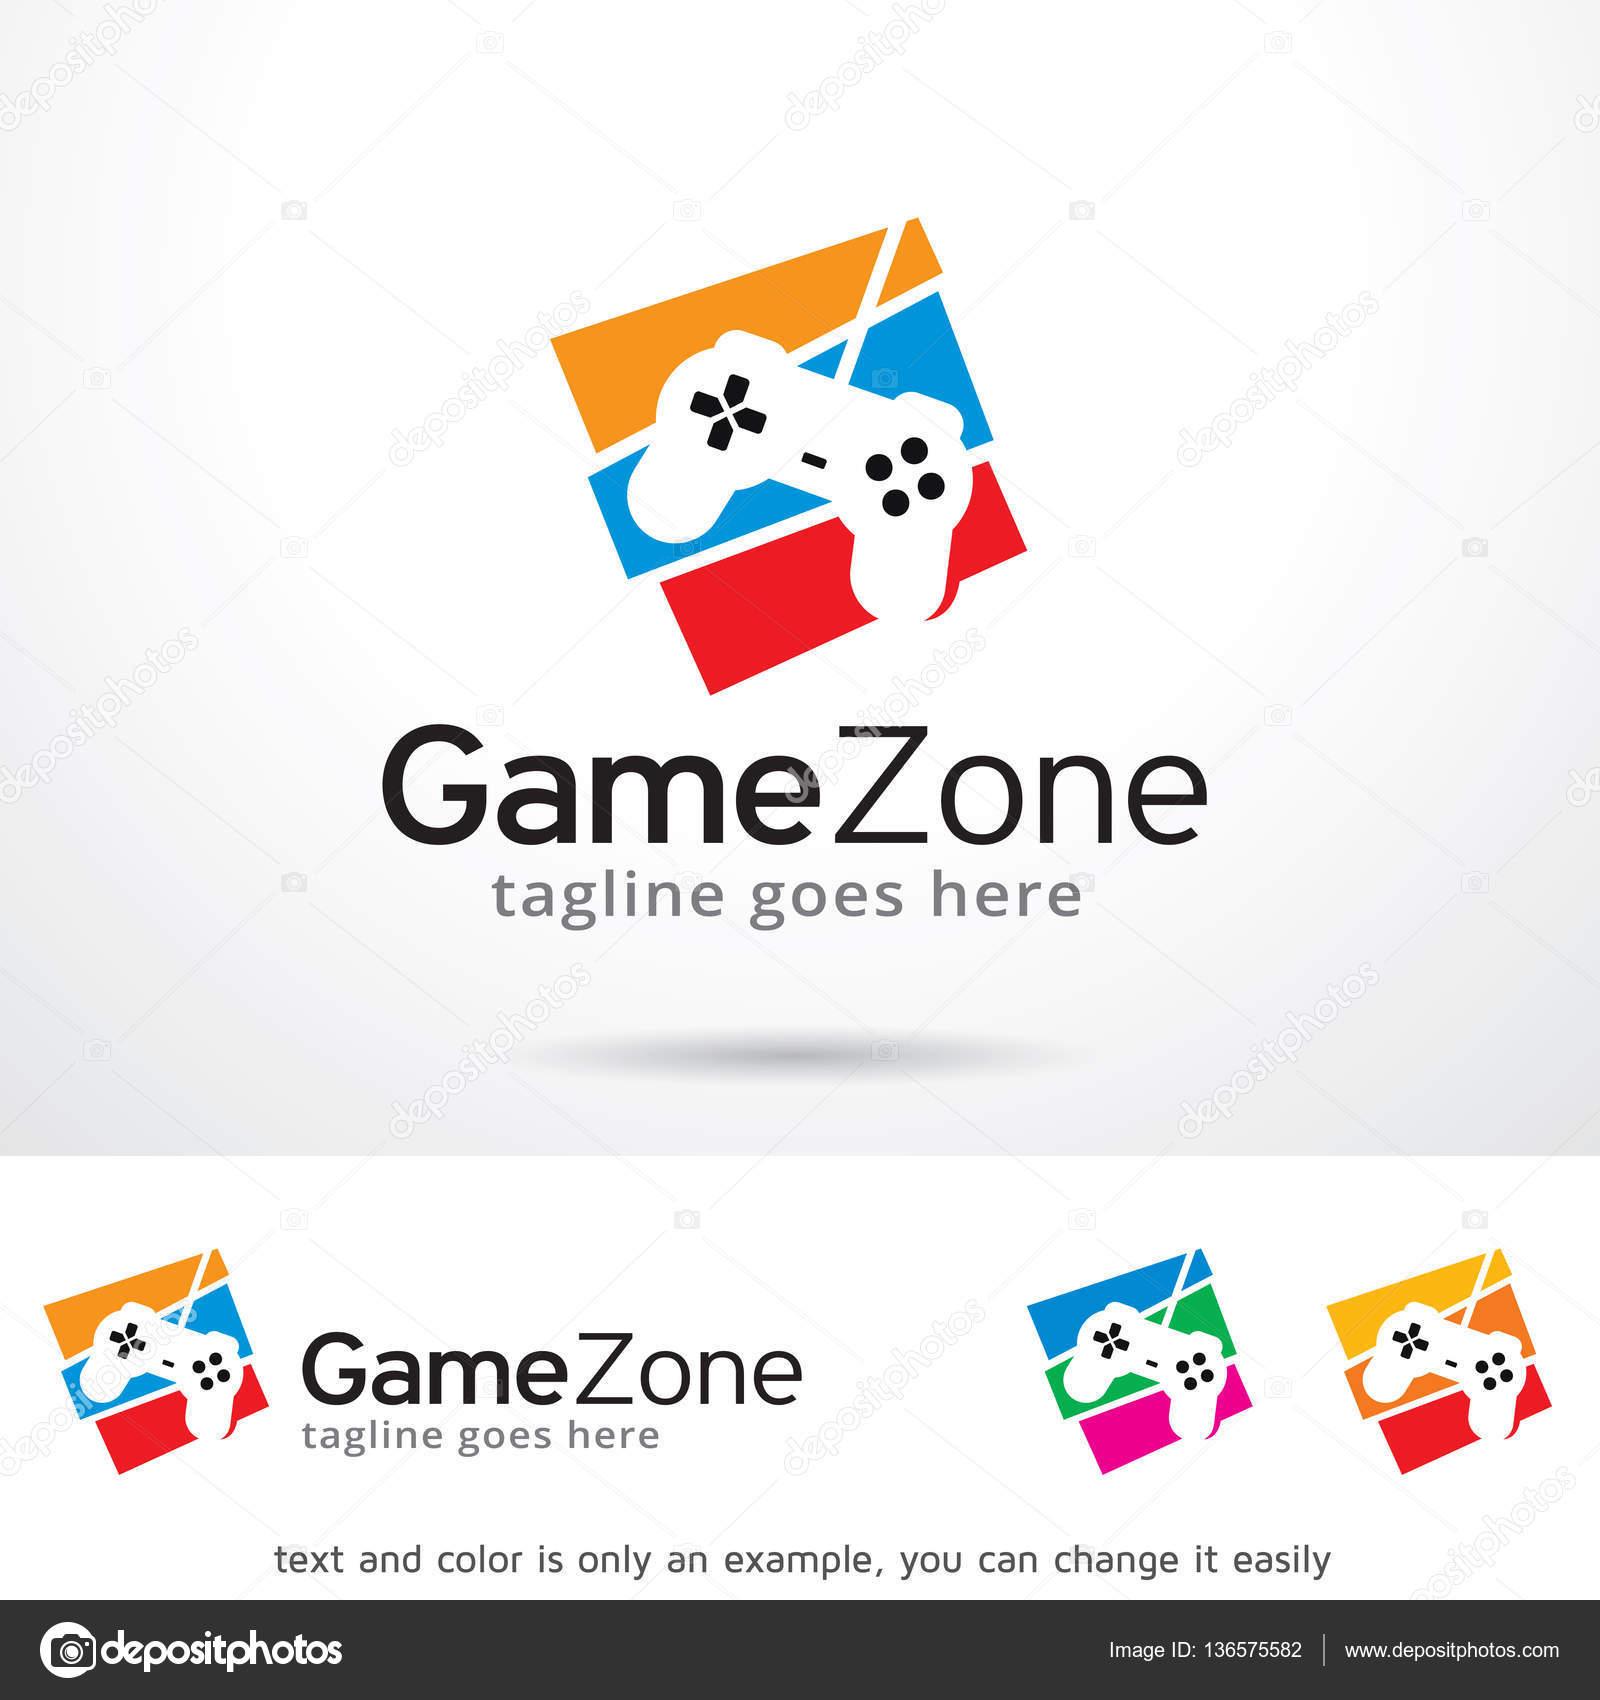 Juego Creativo Concepto Zona De Juegos Logotipo Plantilla Diseno